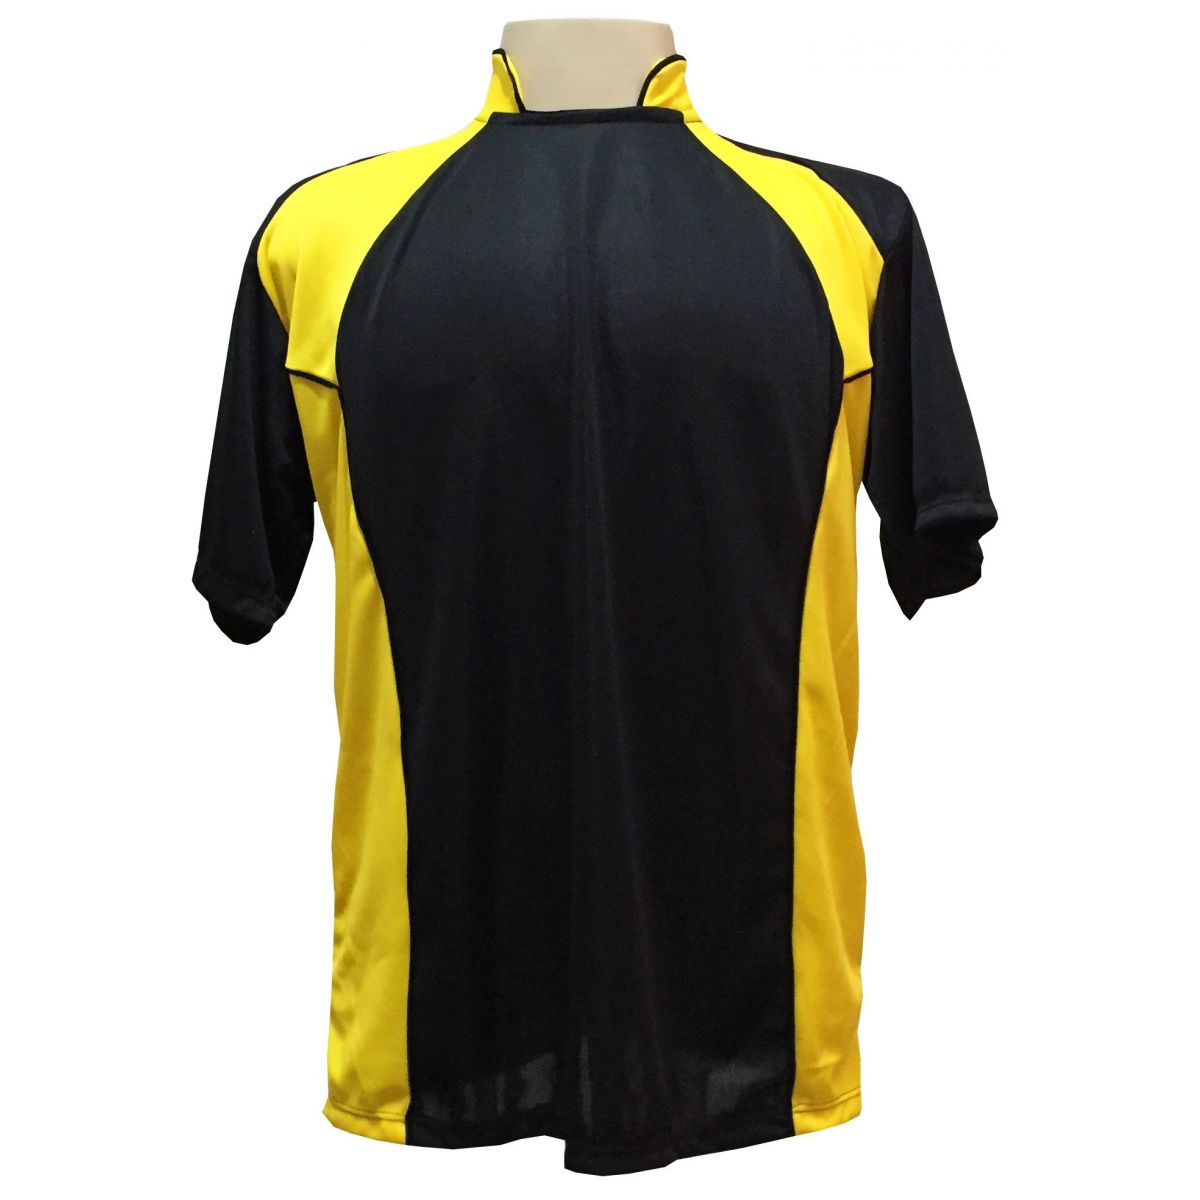 Uniforme Esportivo com 14 camisas modelo Suécia Preto/Amarelo + 14 calções modelo Madrid Preto + Brindes